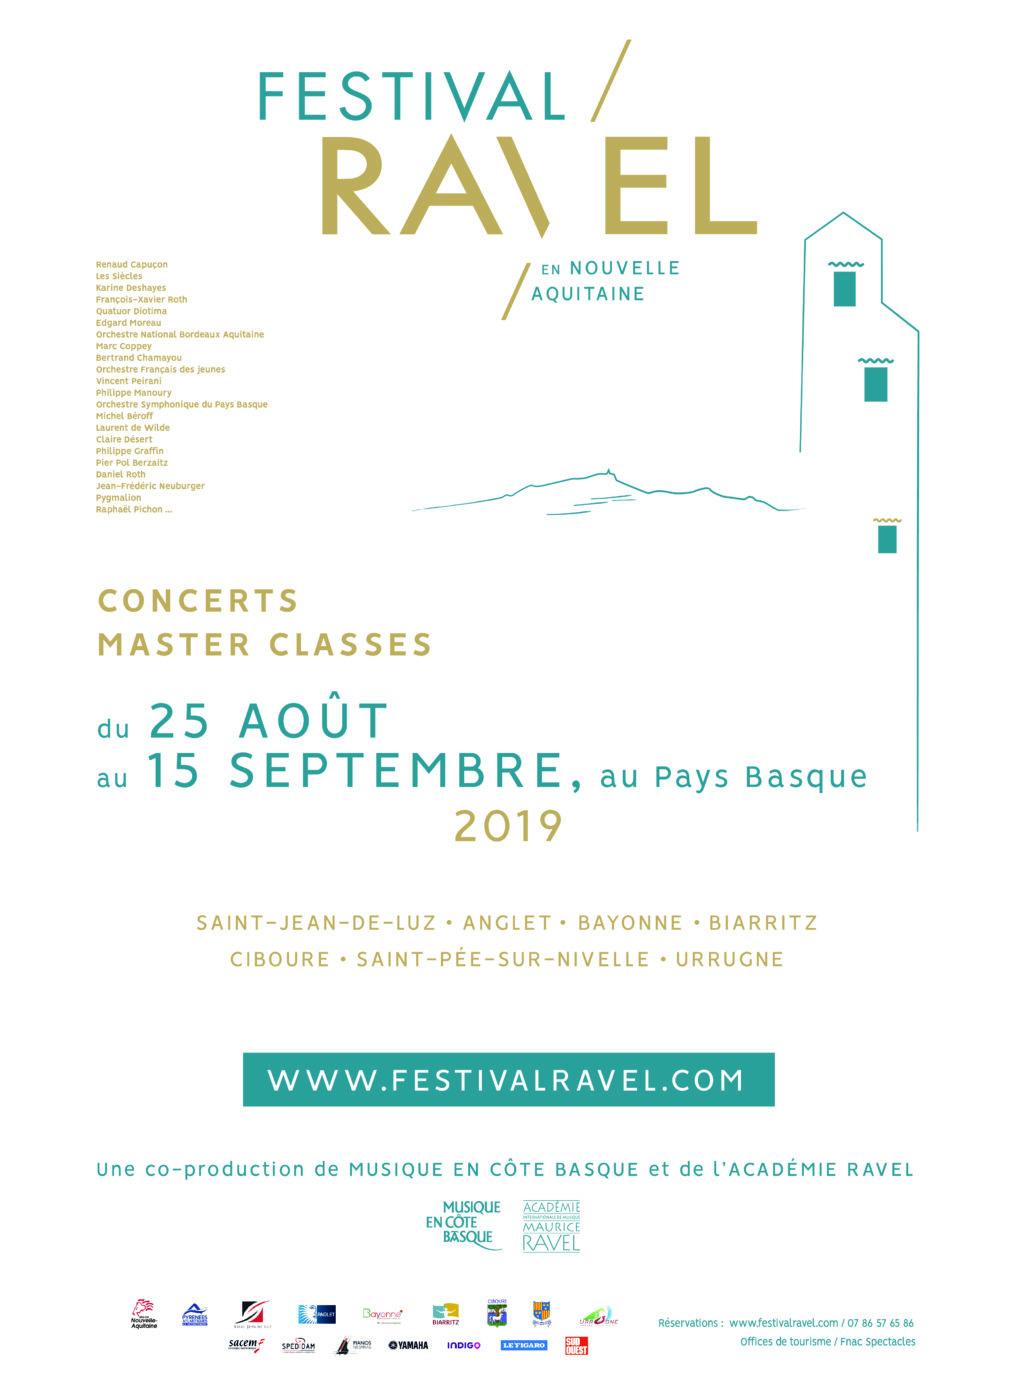 Festival Ravel 2019